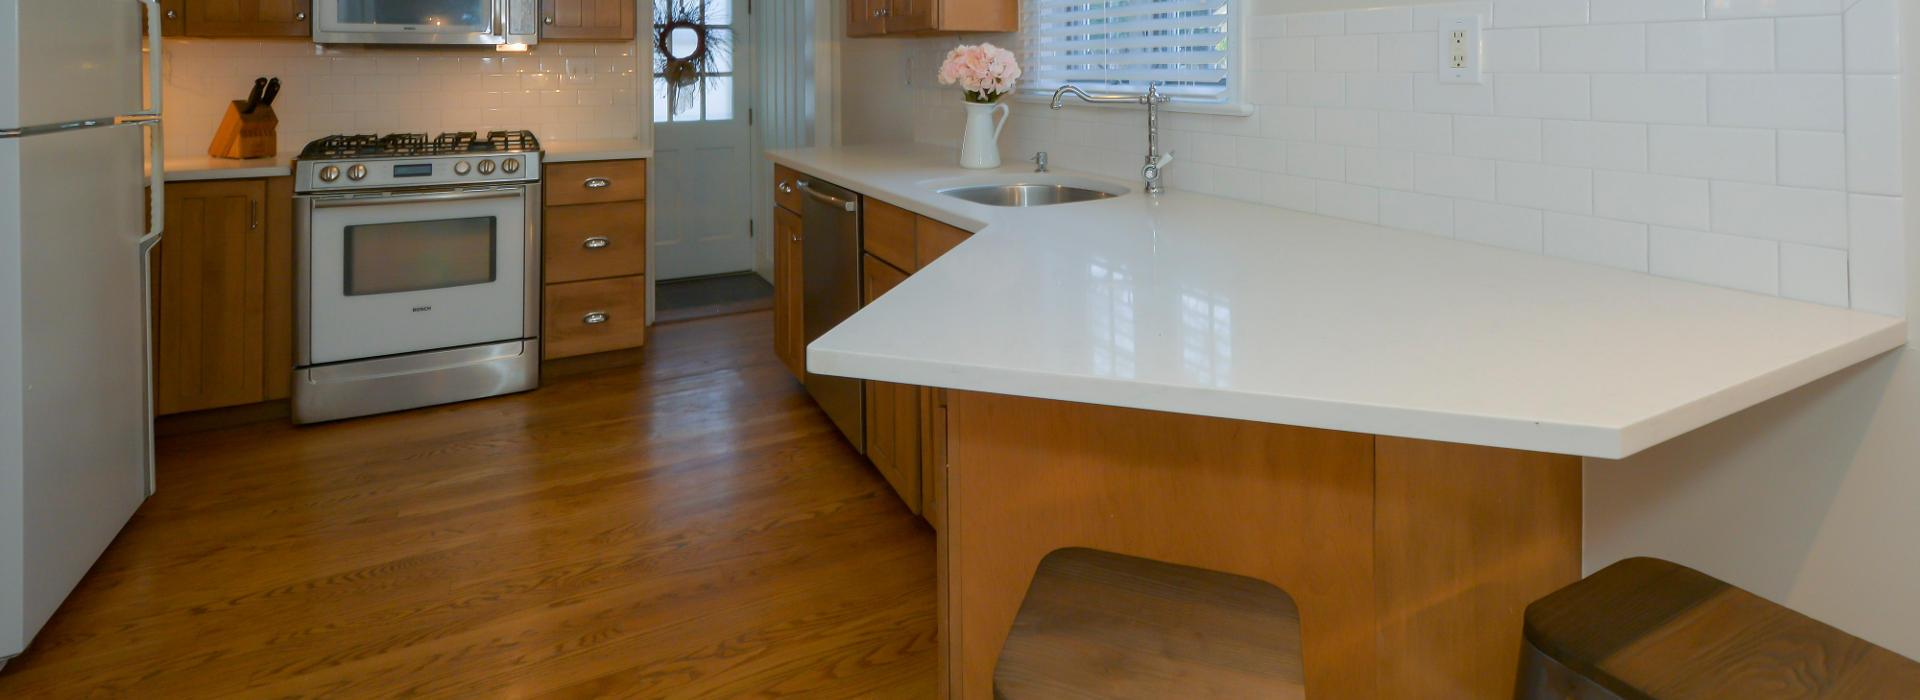 parkiet-kuchnia Parkiet w kuchni - Telefon: 609-370-990